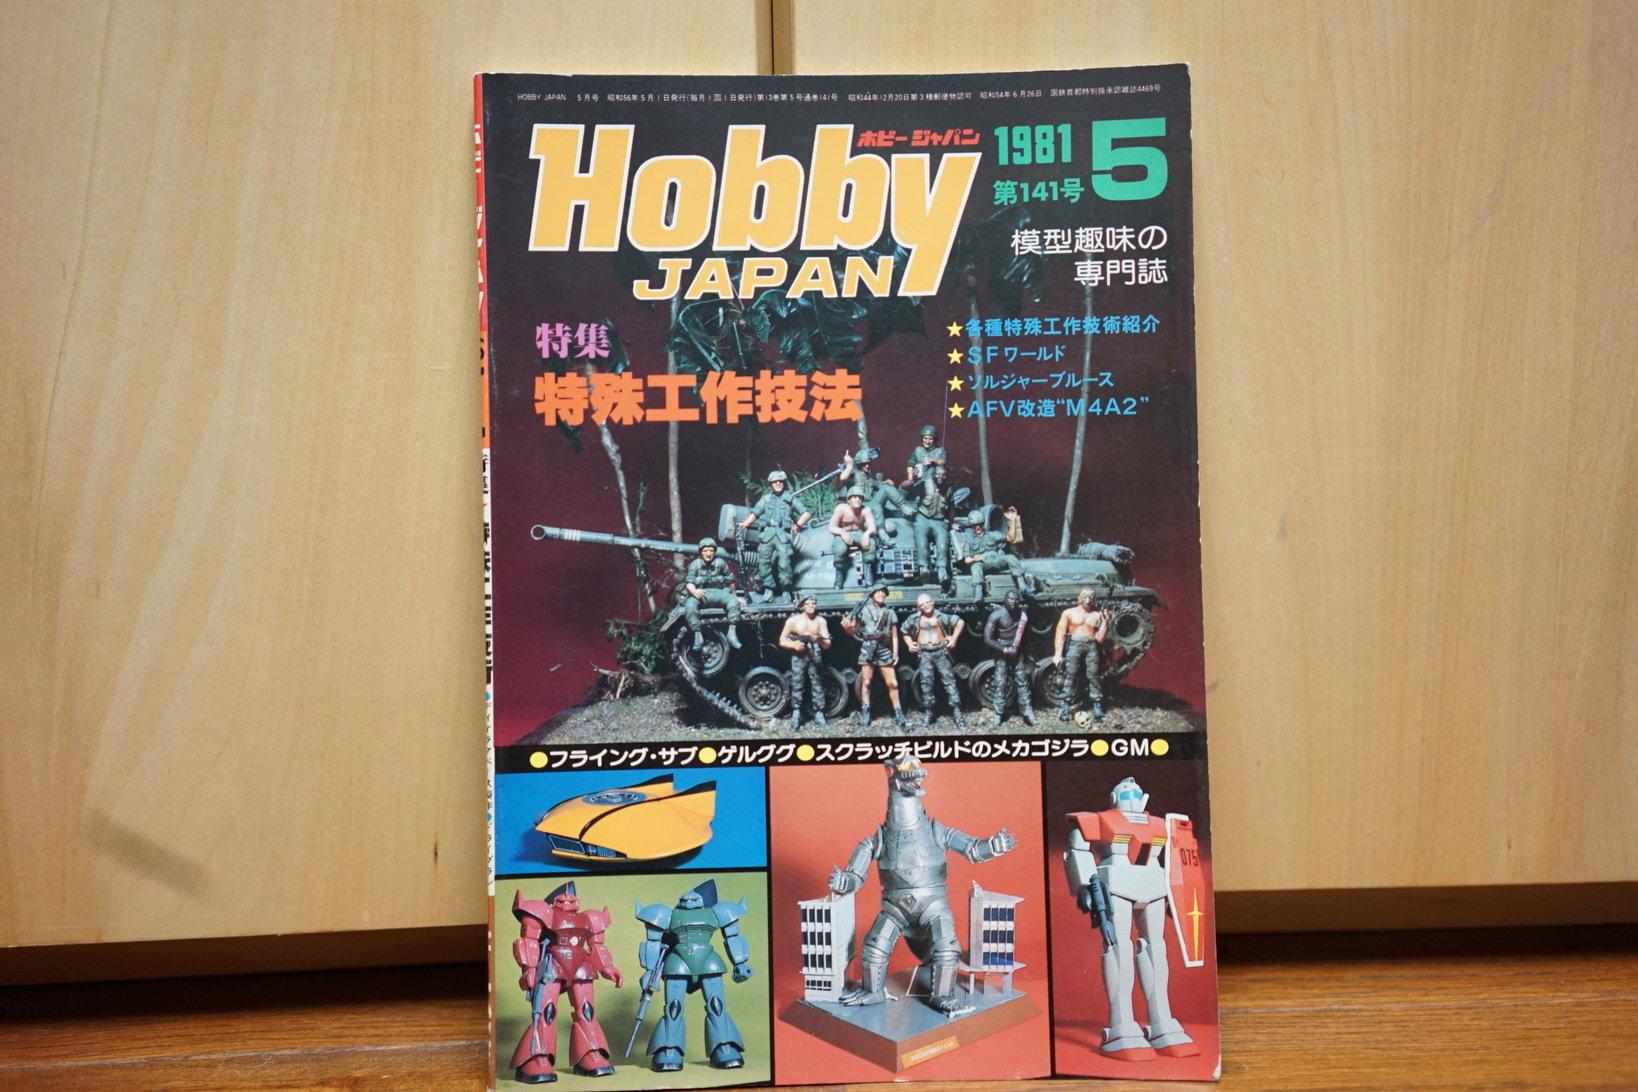 なべやかんさんが怪獣に興味を持つきっかけとなった雑誌「Hobby JAPAN」